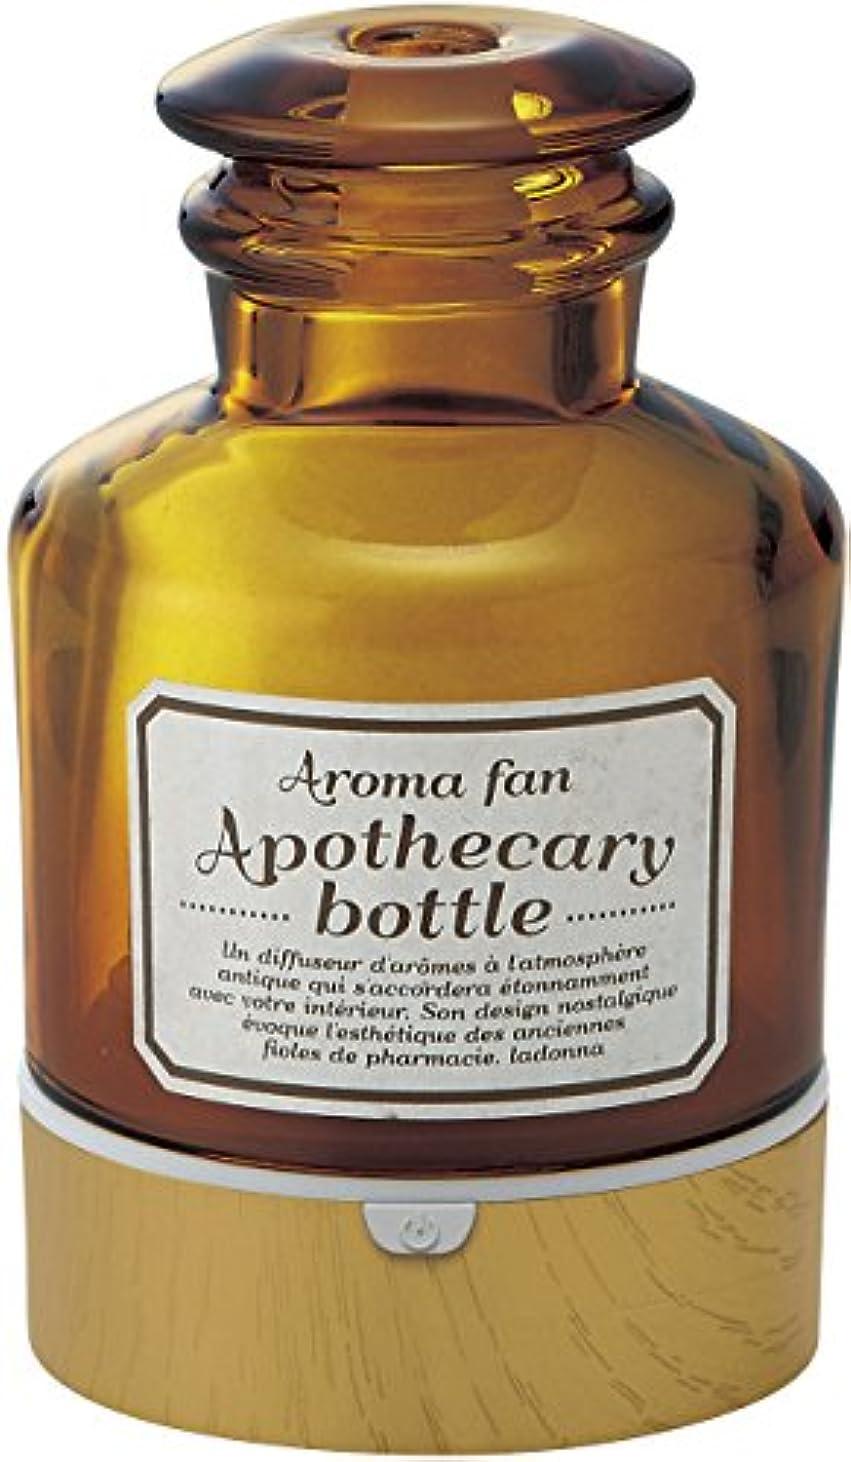 適応するジョージスティーブンソン強要ラドンナ アロマディフューザー アポセカリーボトル ADF22-ABM 飴色